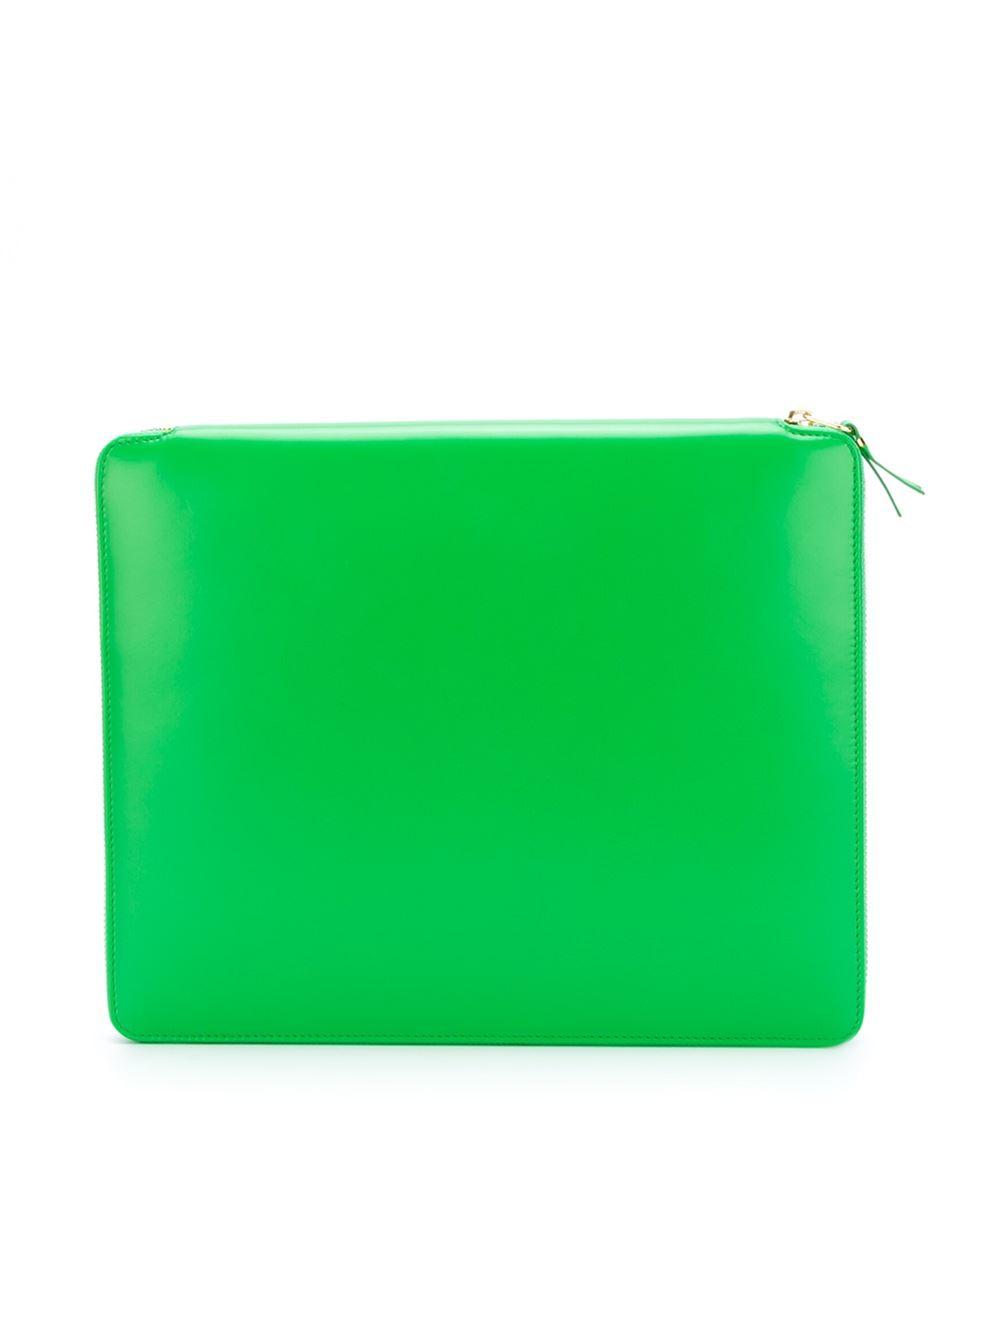 Comme Des Garcons Iridescent Wallet | Comme Des Garcons Wallet Womens | Comme De Garcons Wallet